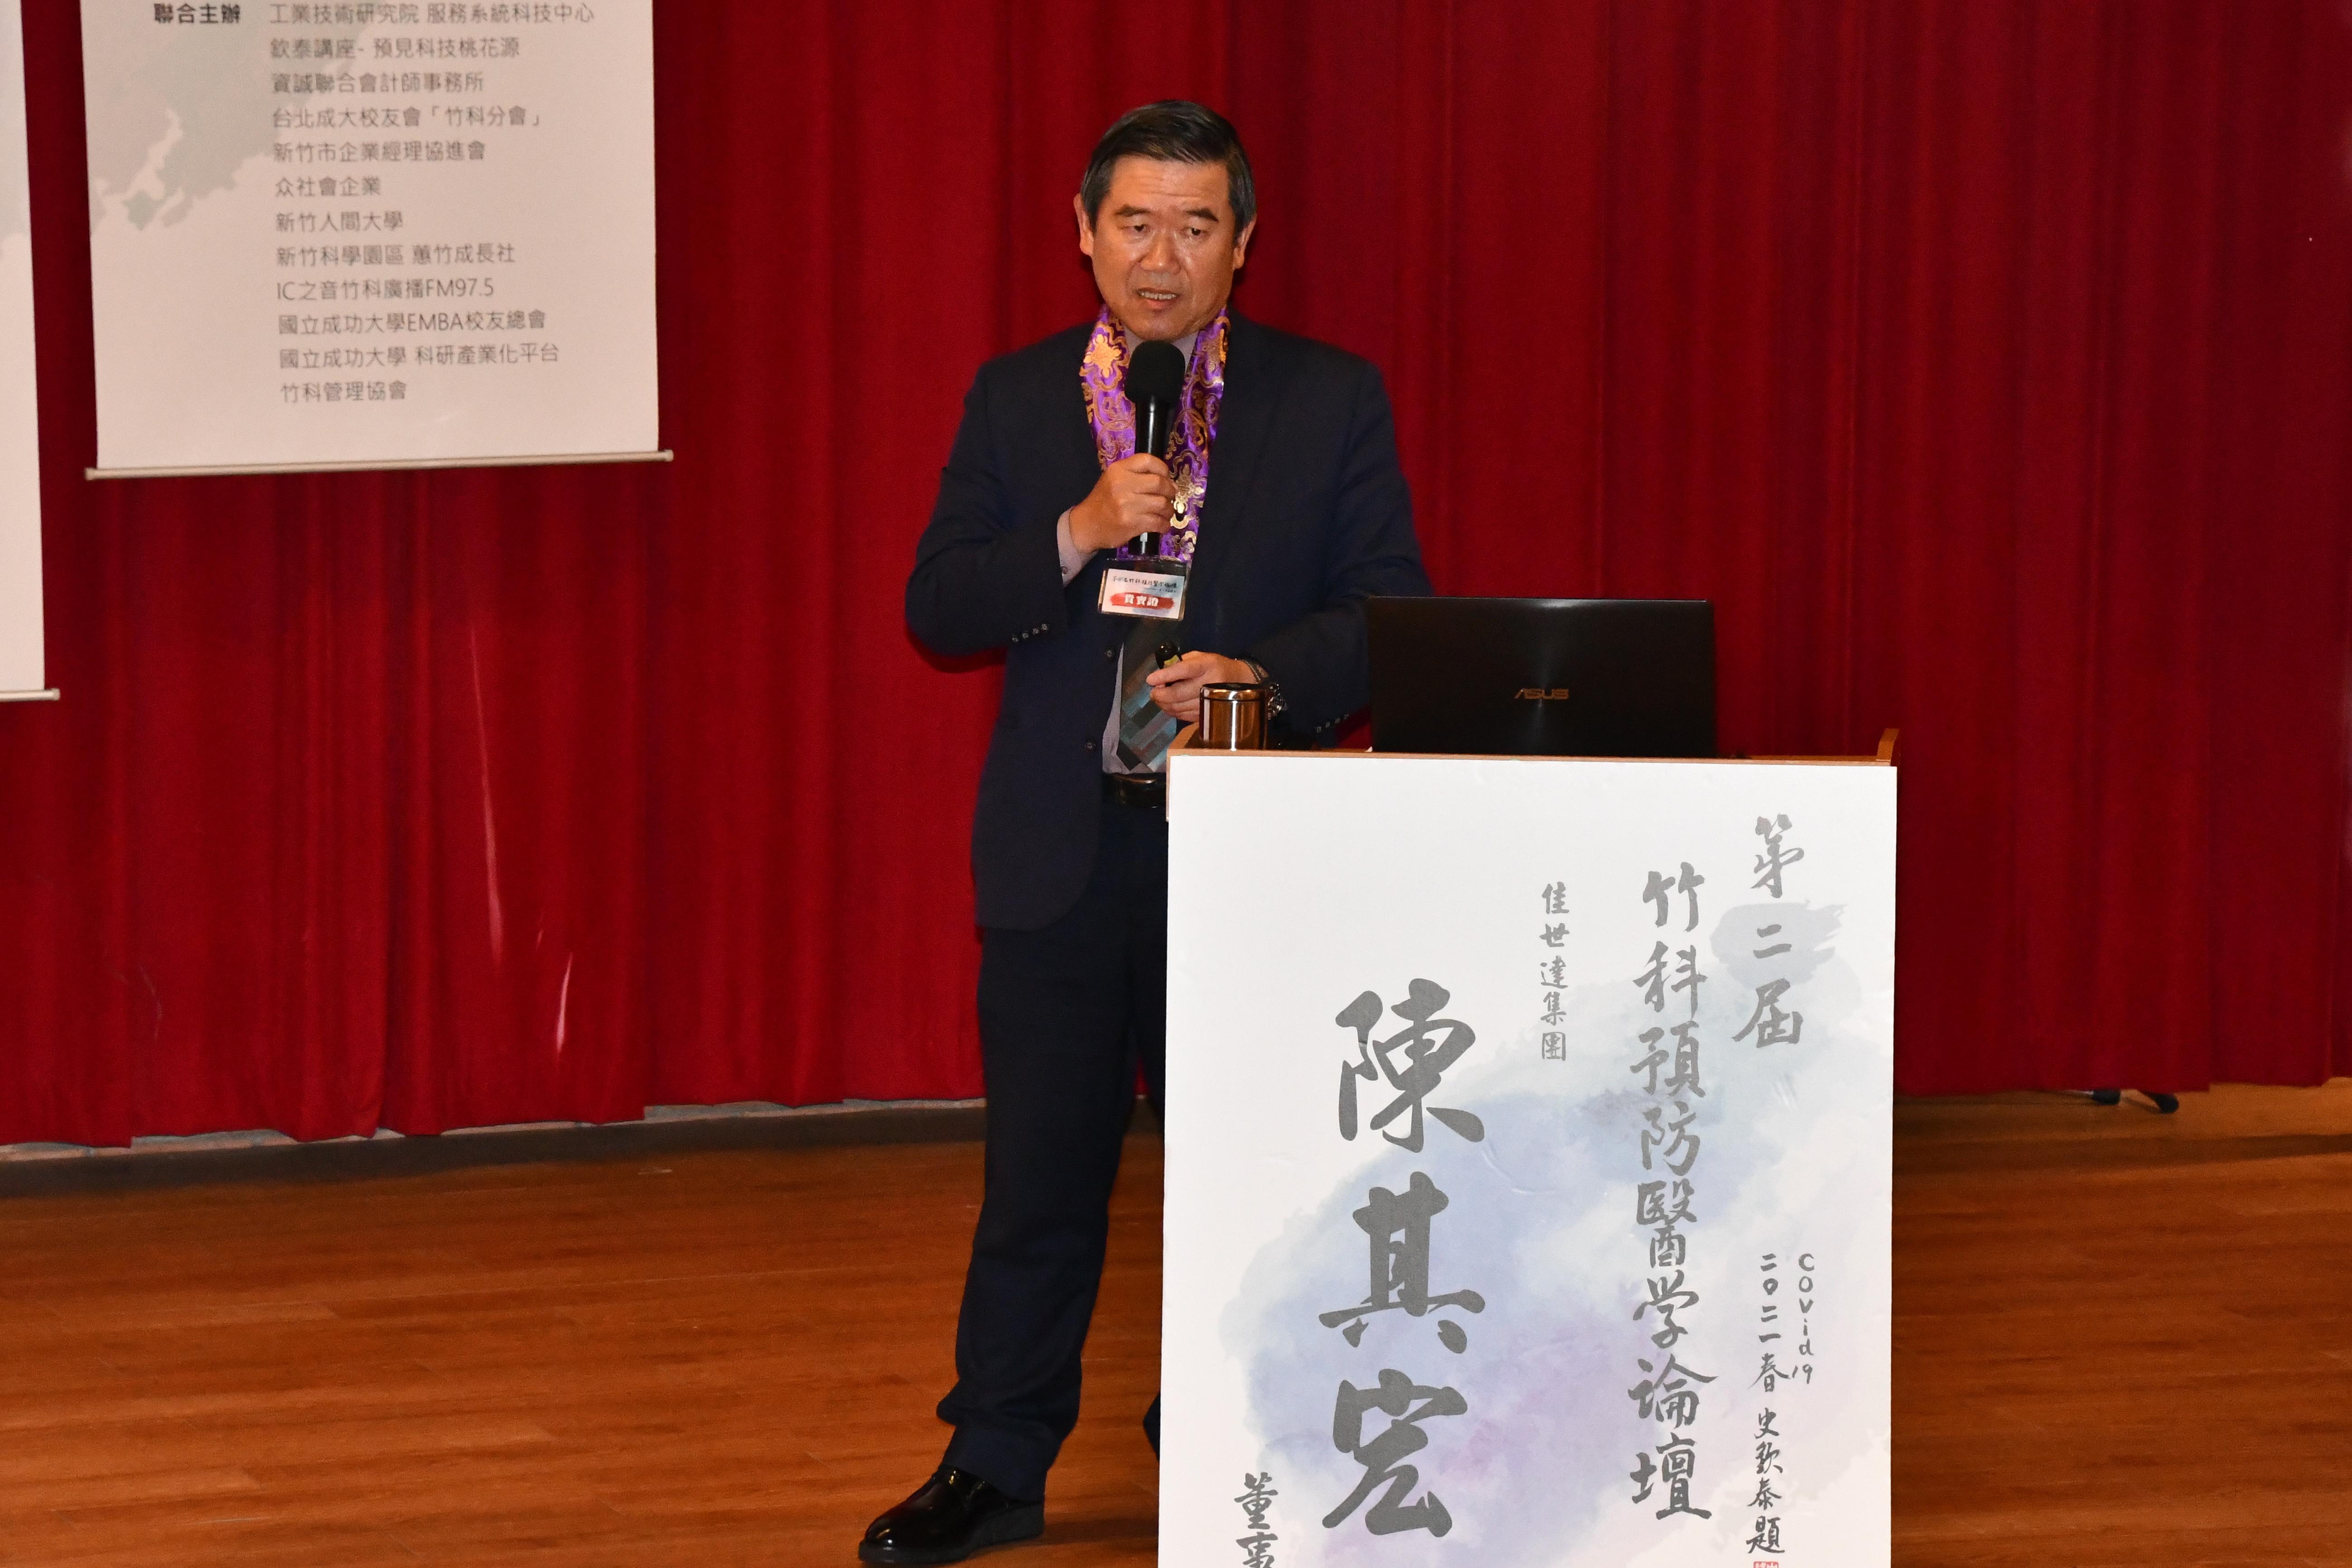 佳世達集團董事長陳其宏演講。(賴月貴/大紀元)